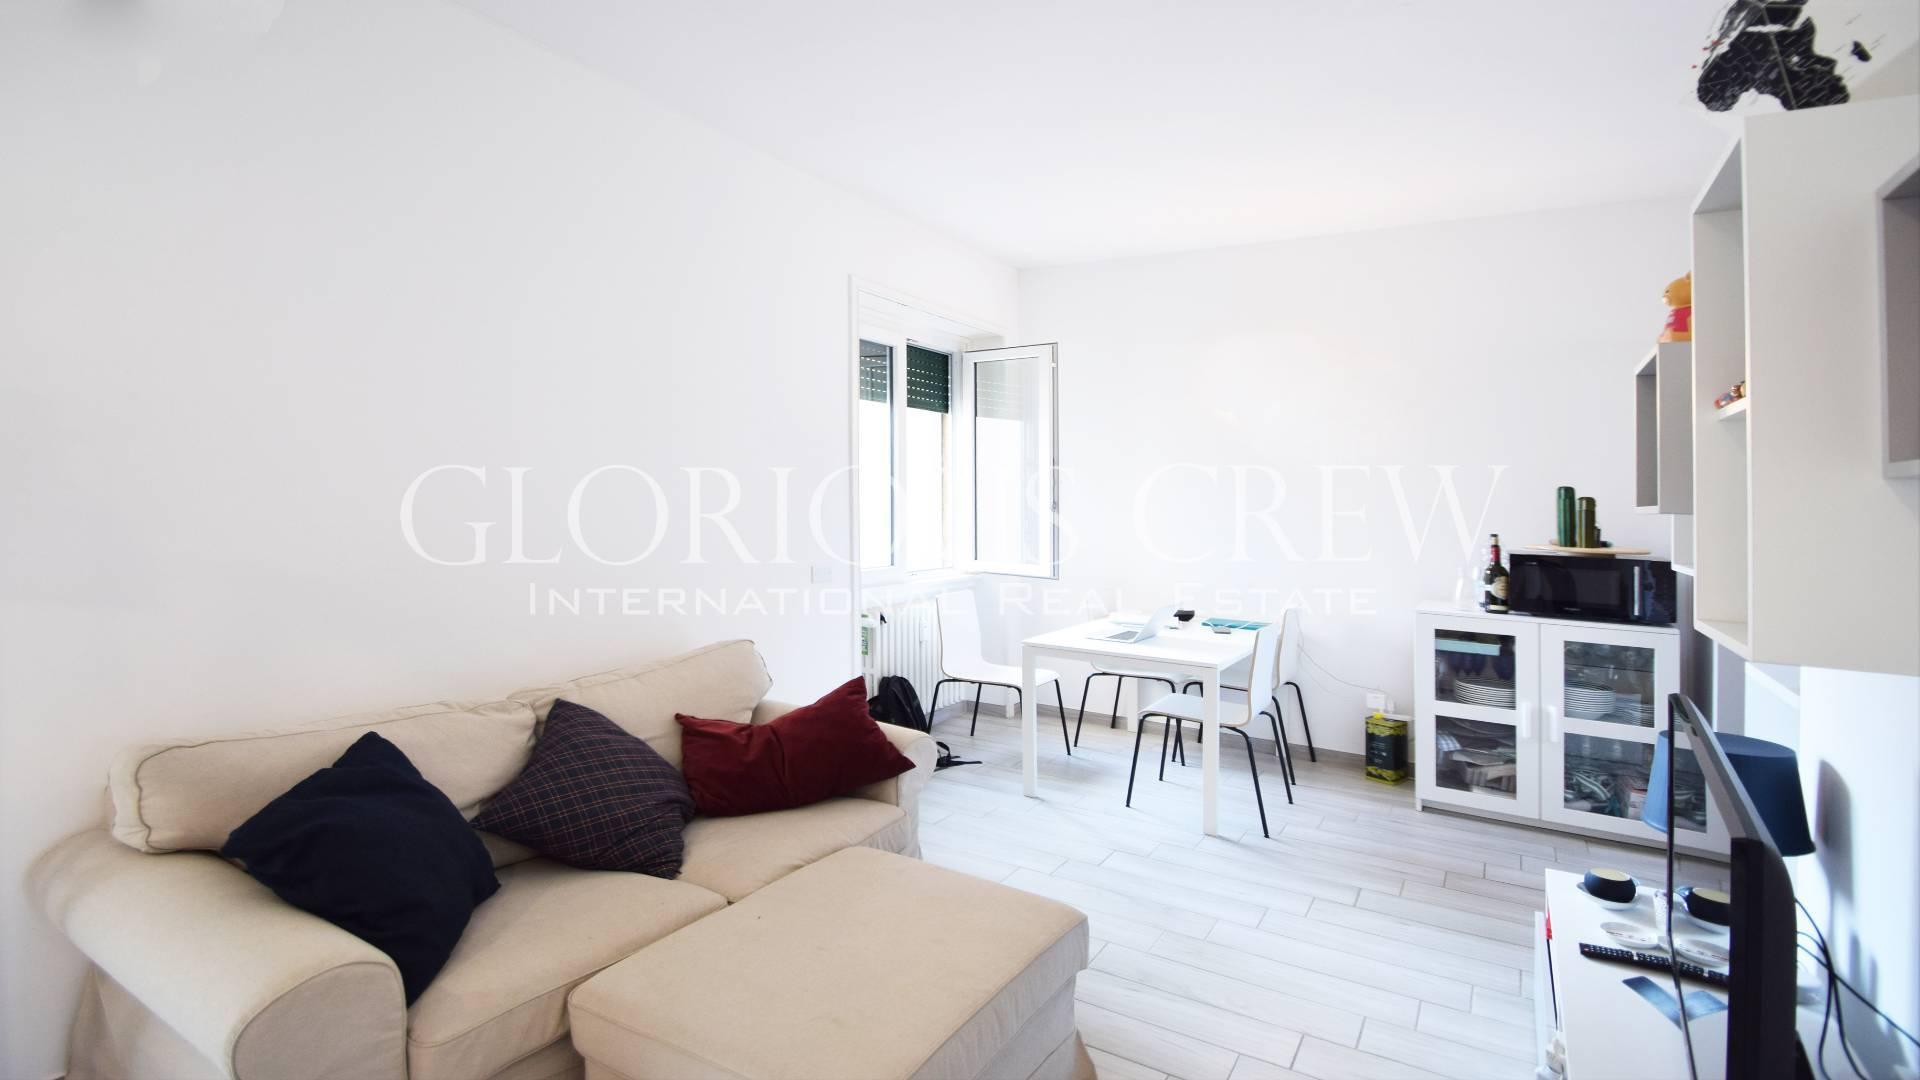 Appartamento in Affitto a Milano 06 Italia / Porta Romana / Bocconi / Lodi: 3 locali, 77 mq